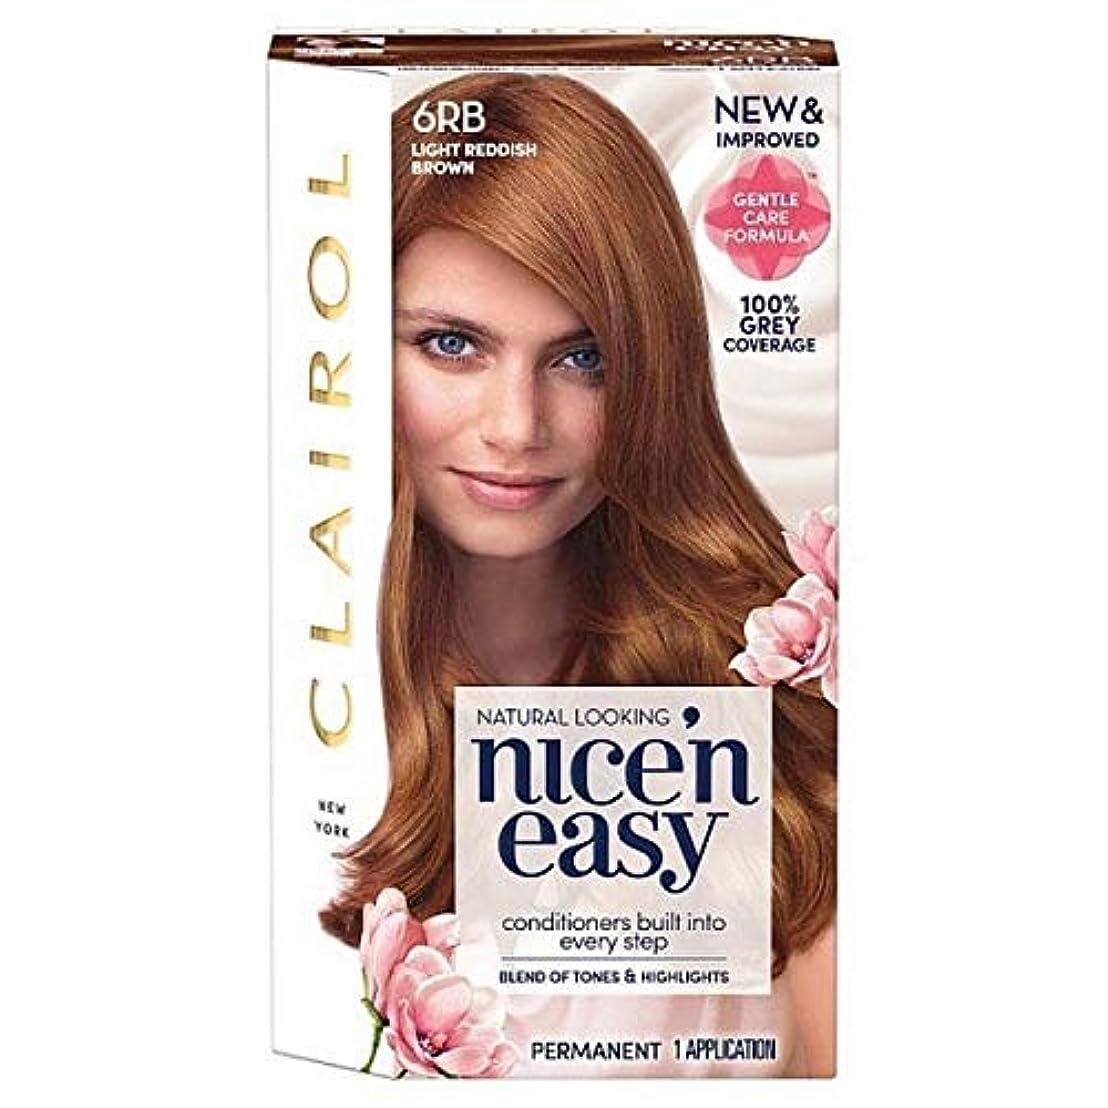 哺乳類スコアメジャー[Nice'n Easy] 簡単6Rb光赤褐色Nice'N - Nice'n Easy 6Rb Light Reddish Brown [並行輸入品]